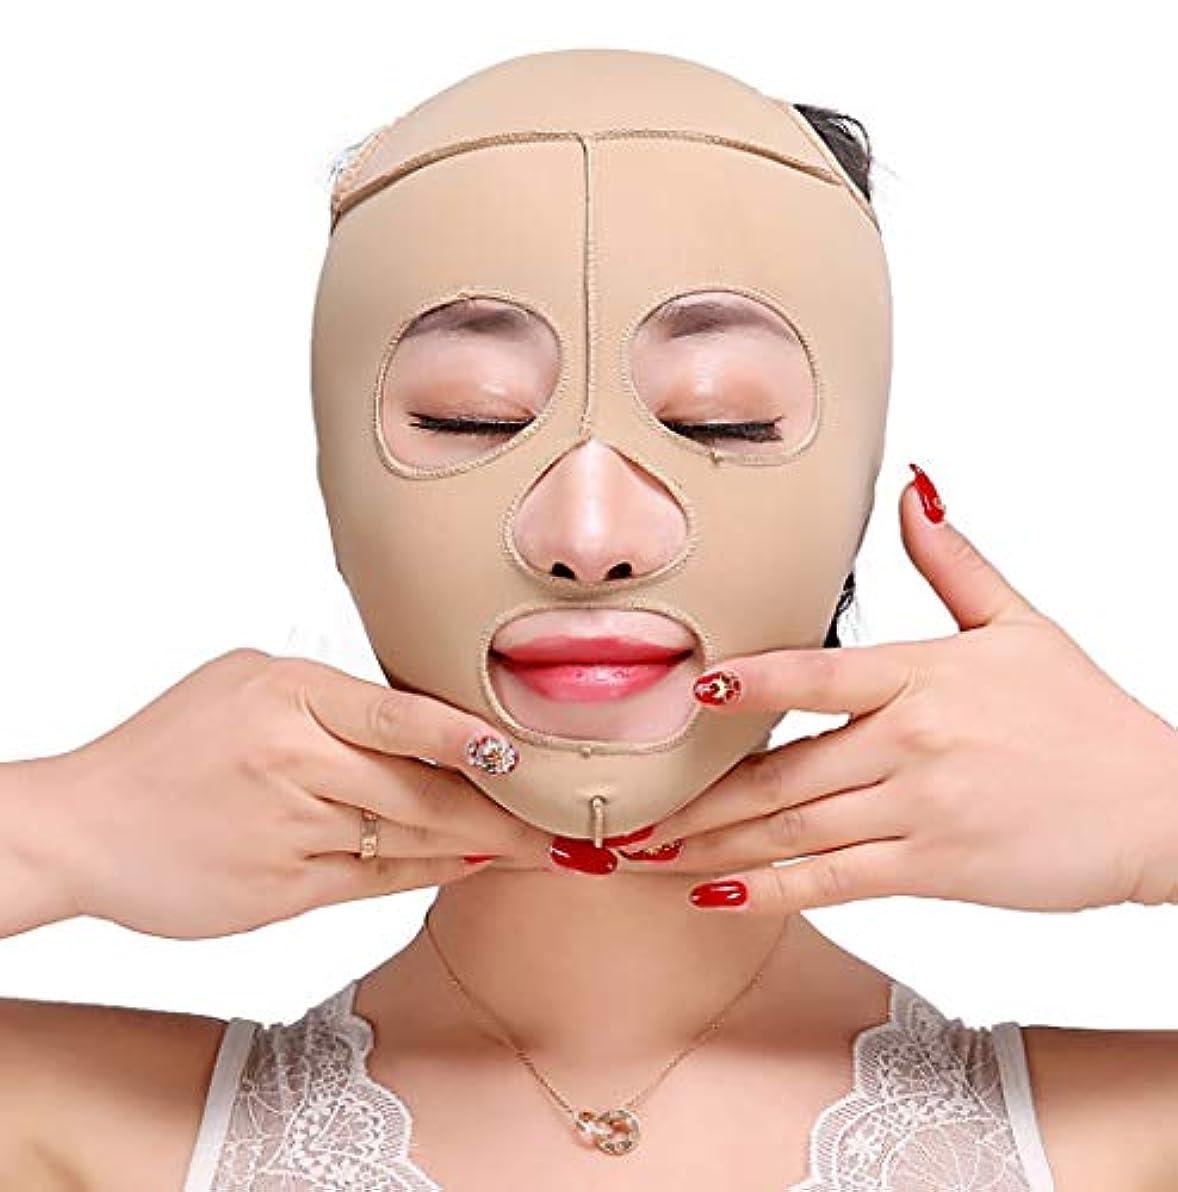 ハシー順番雇ったTLMY 痩身ベルト痩身ベルト薄い顔の包帯小V顔の顔の薄い顔のマスク包帯の強化引き締めV顔美容マスク小さな顔の包帯の頭飾り修正顔の形 顔用整形マスク (Size : M)